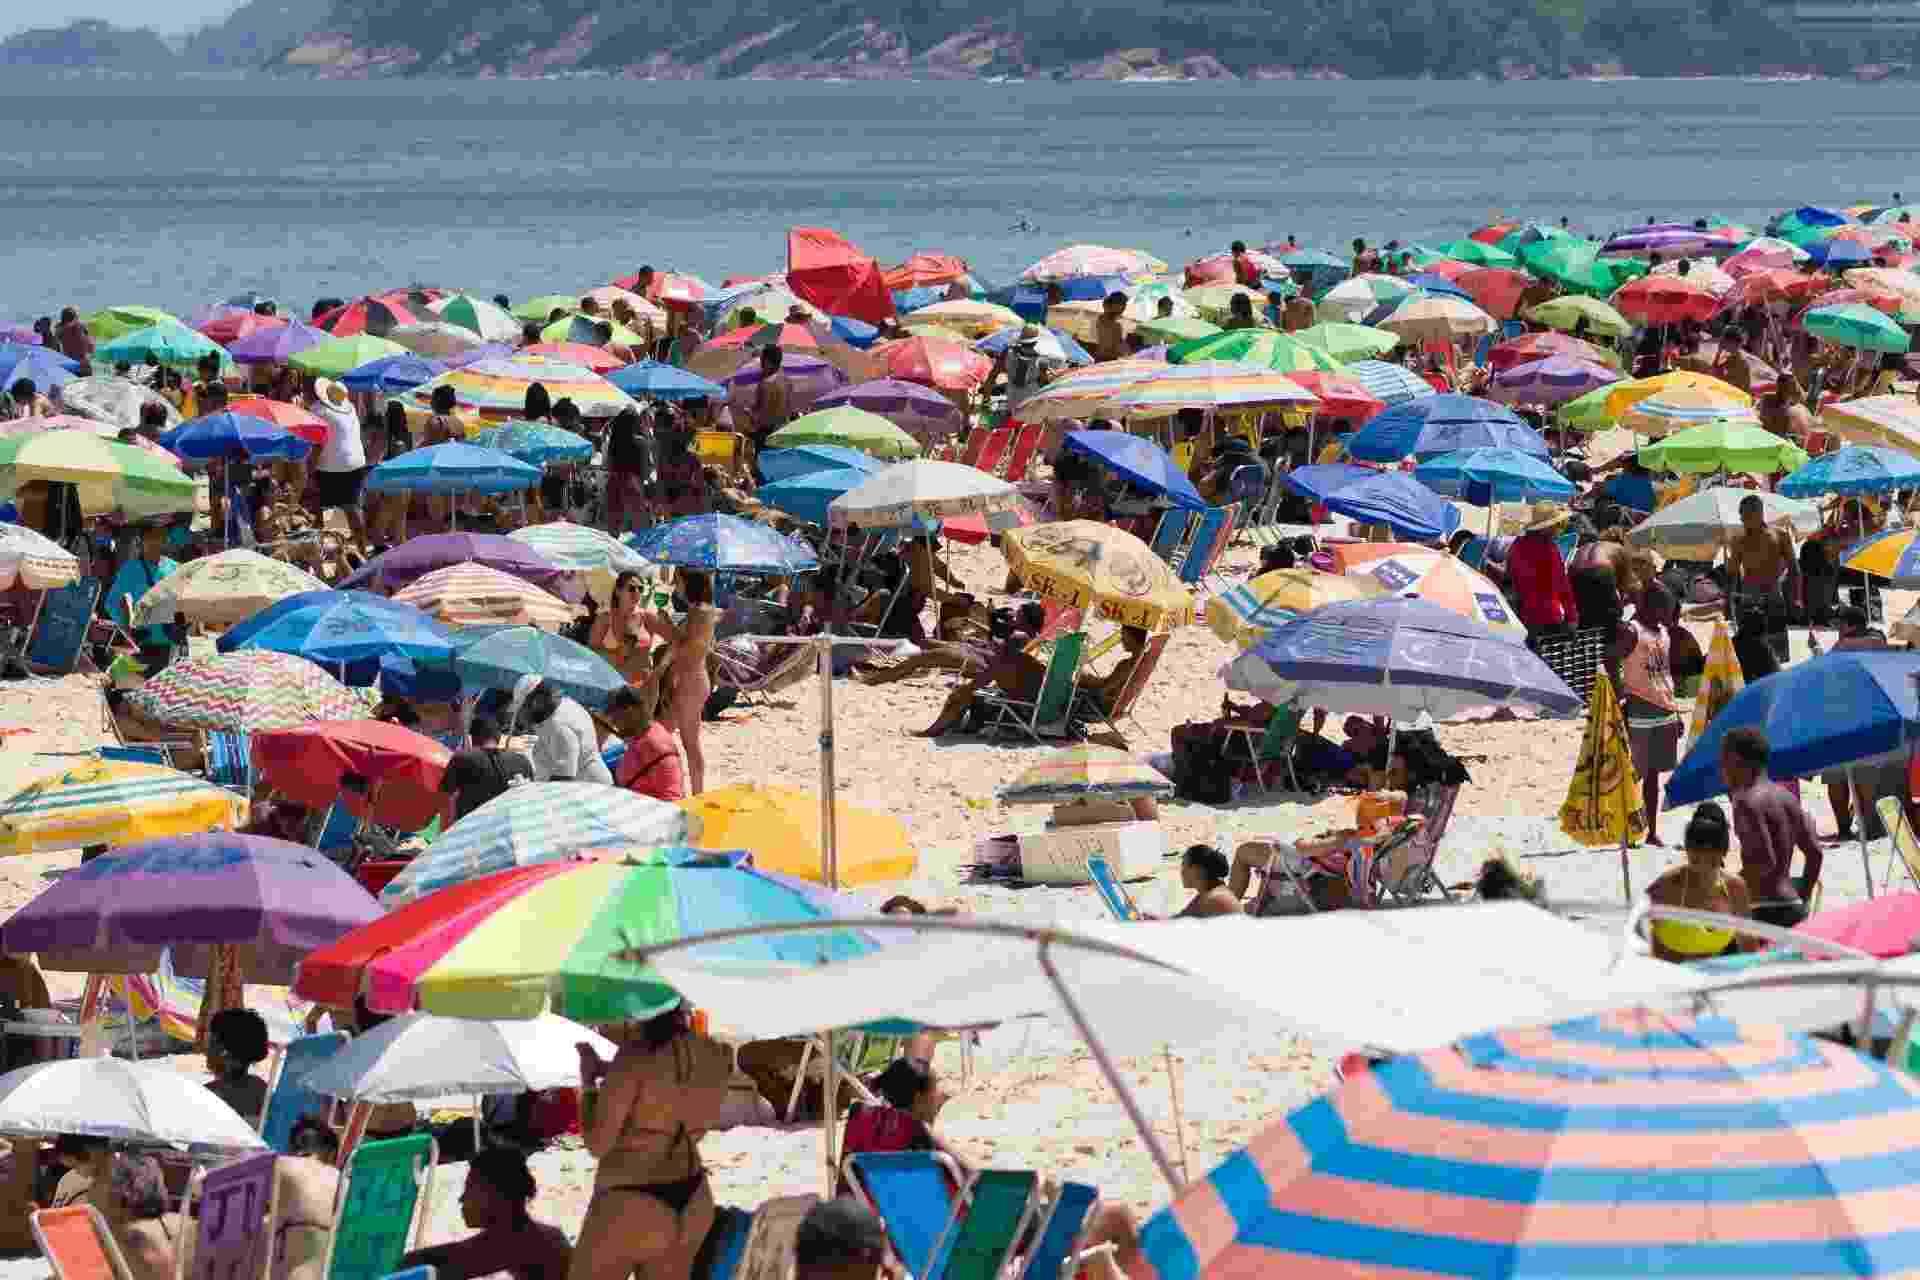 Praia de Ipanema registra aglomeração em domingo com mais de 33 graus no Rio de Janeiro - DANIEL RESENDE/FUTURA PRESS/ESTADÃO CONTEÚDO